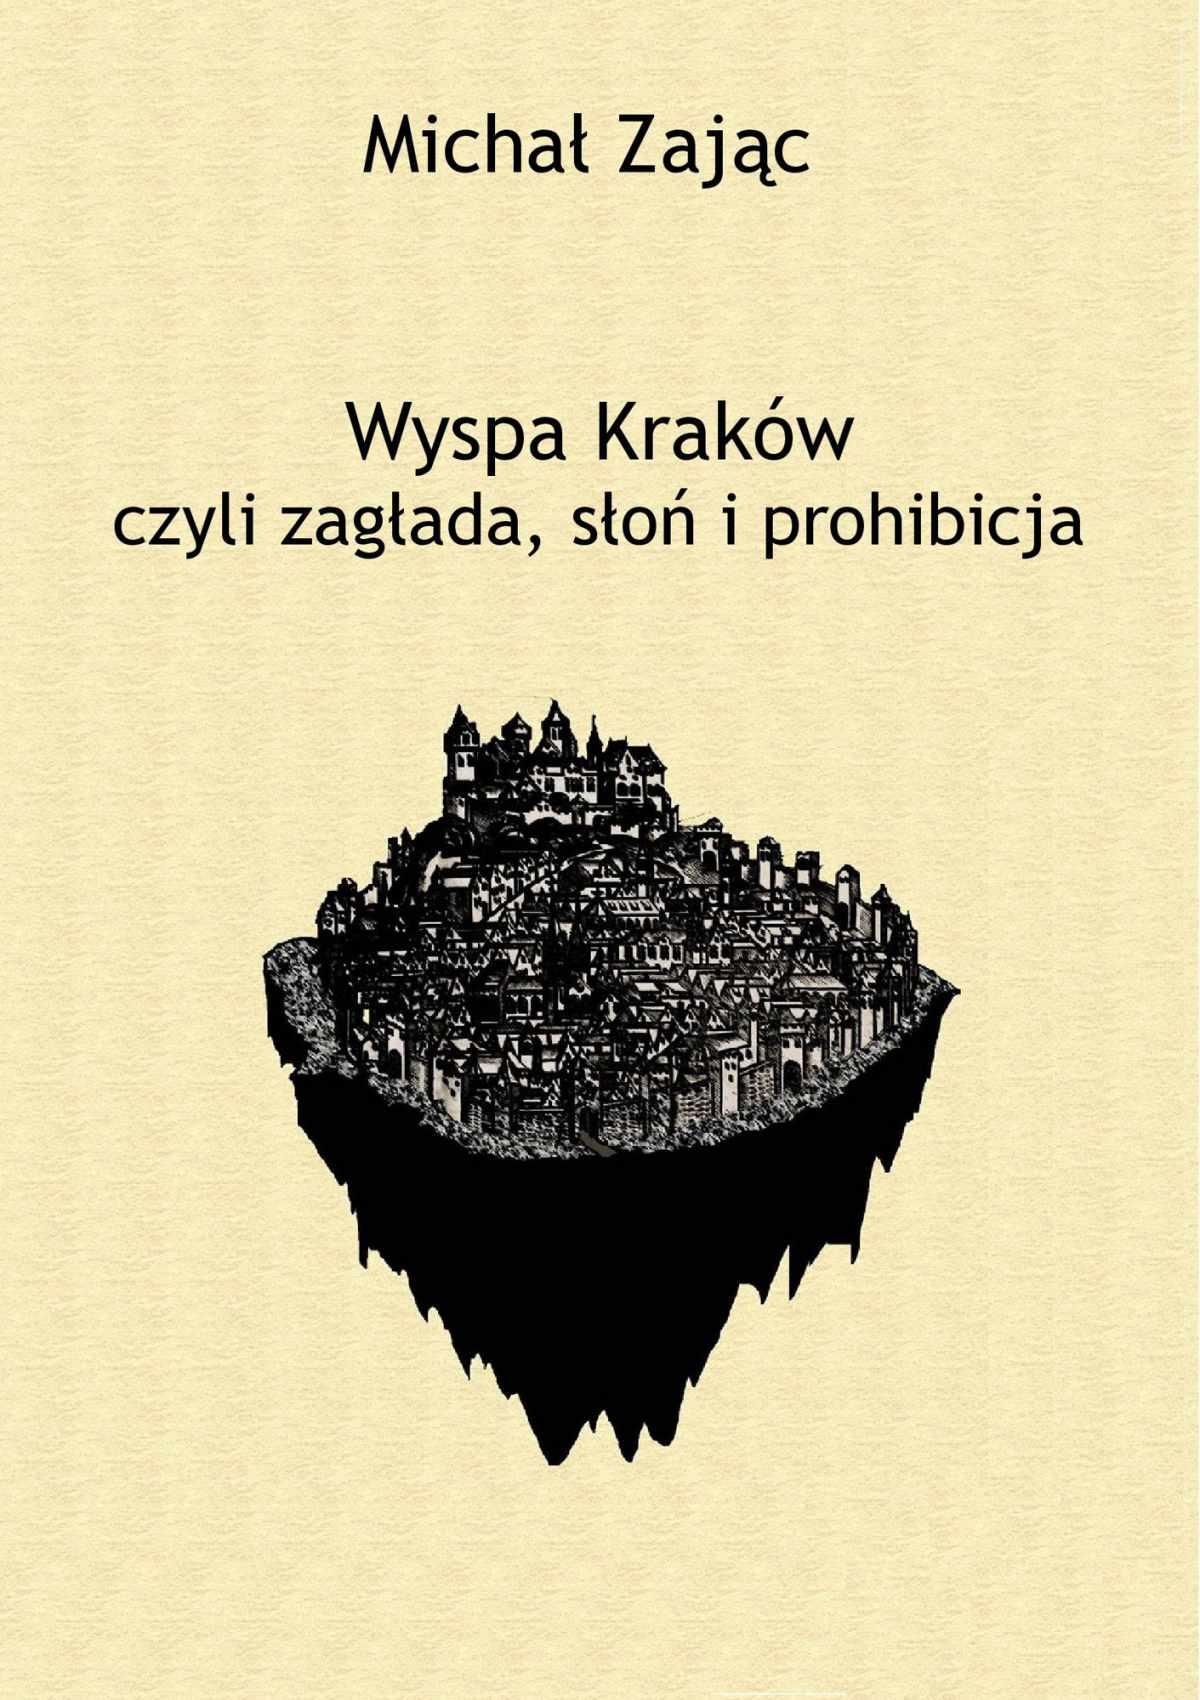 Wyspa Kraków czyli zagłada, słoń i prohibicja - Ebook (Książka EPUB) do pobrania w formacie EPUB